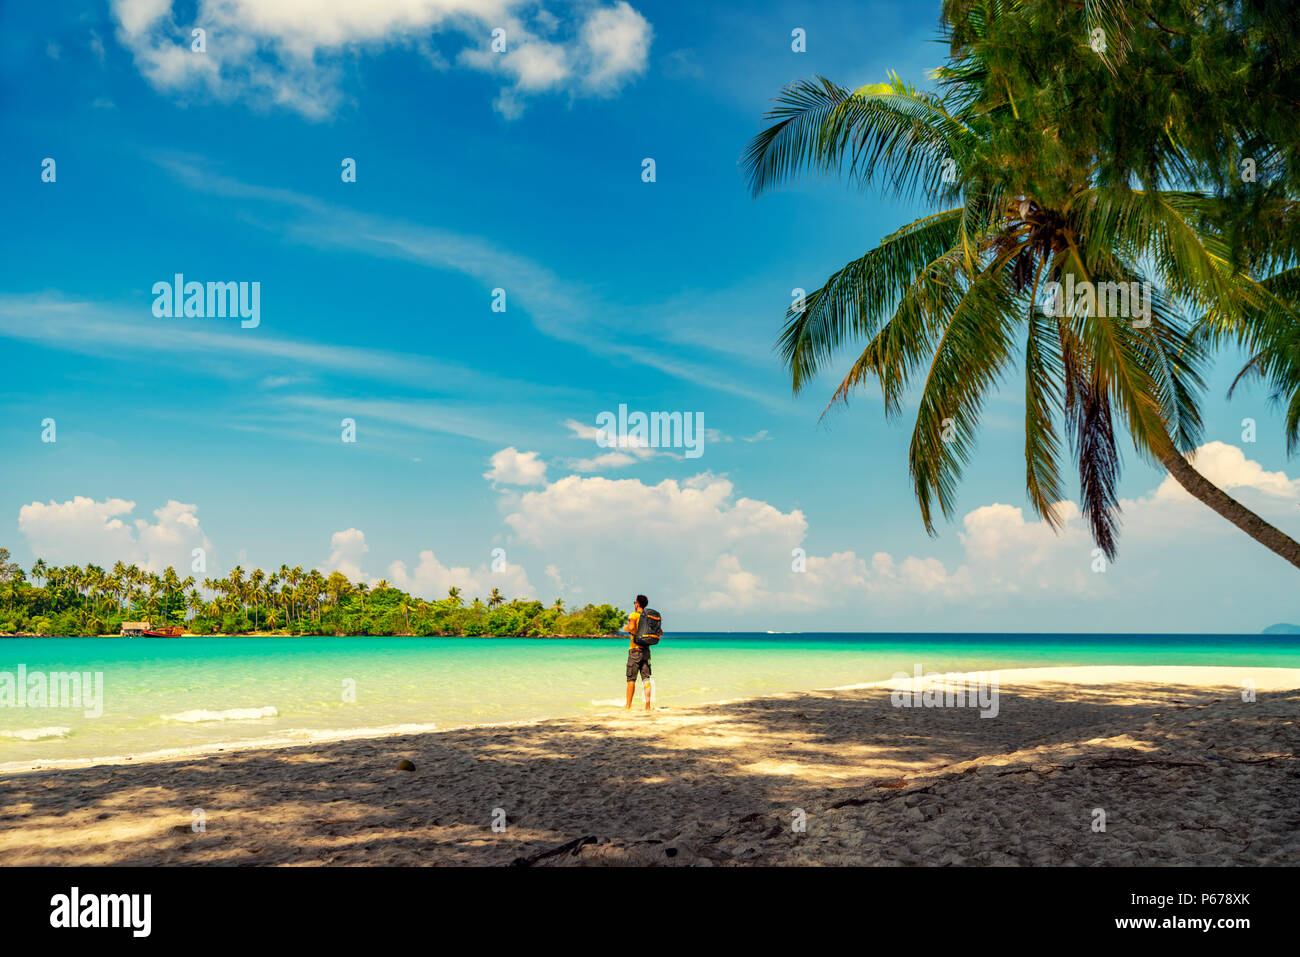 51d987519c087 Joven Hombre viajero con mochila quedándose solos en la playa y mirando al  océano